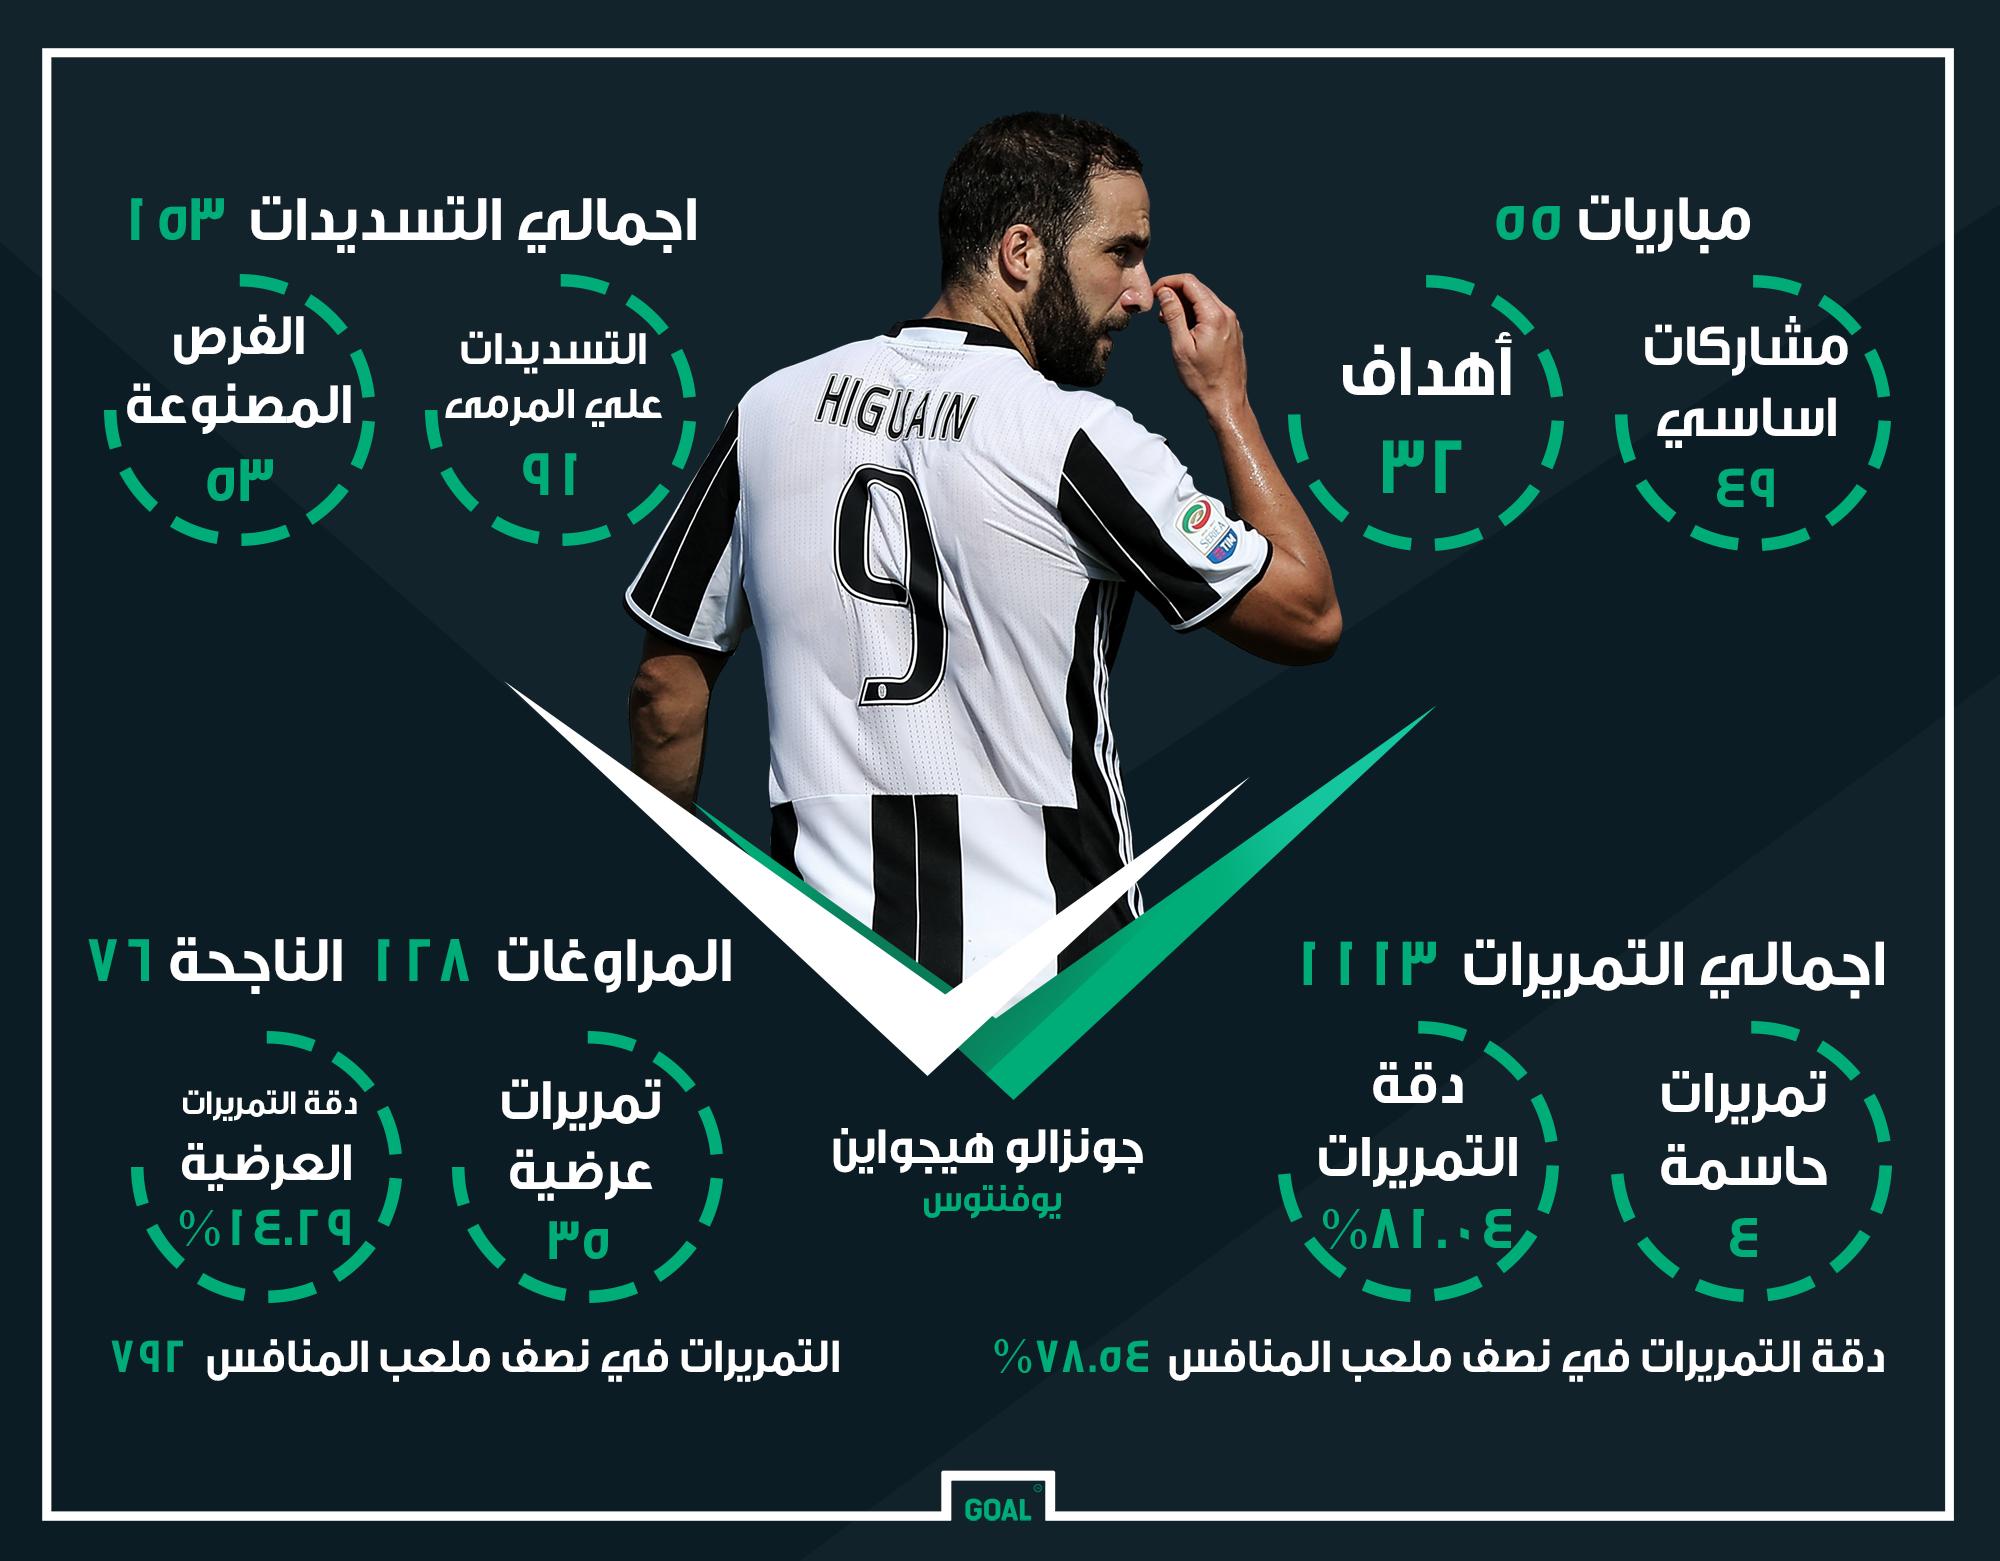 GFX AR Gonzalo Higuain Juventus 2016-17 Stats